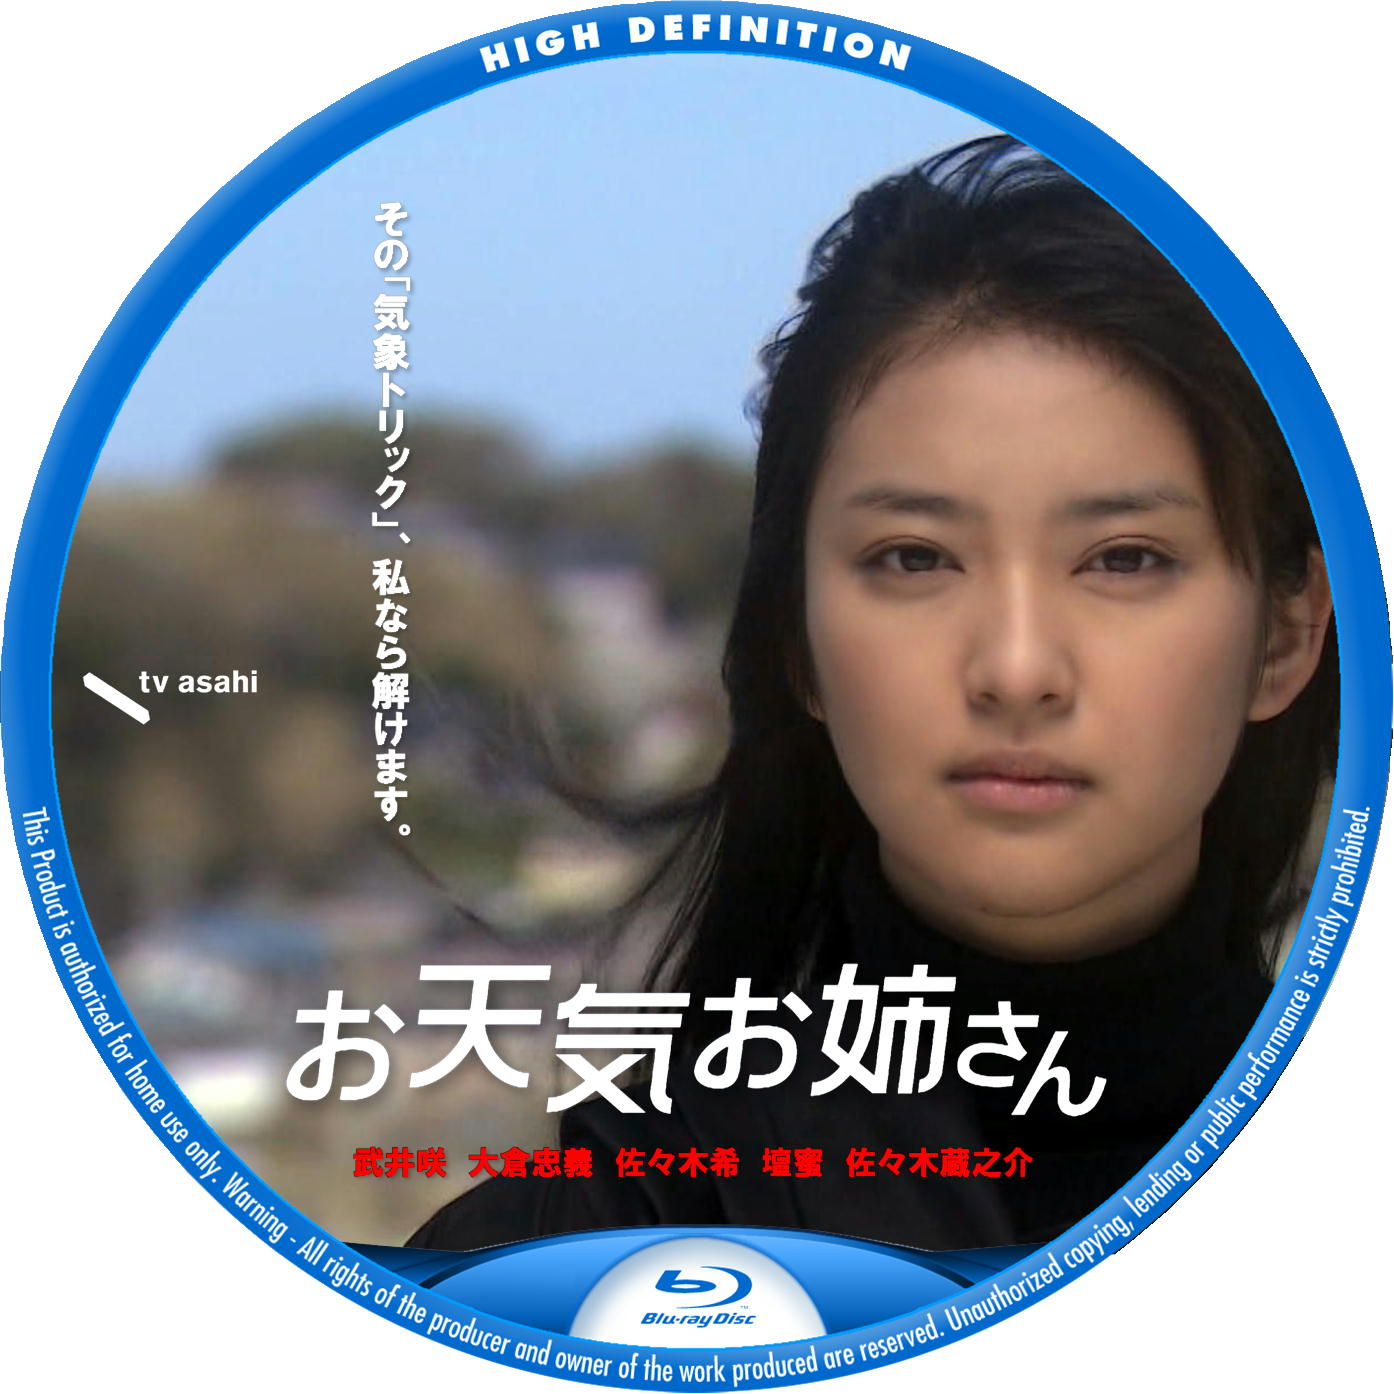 武井咲 BDラベル